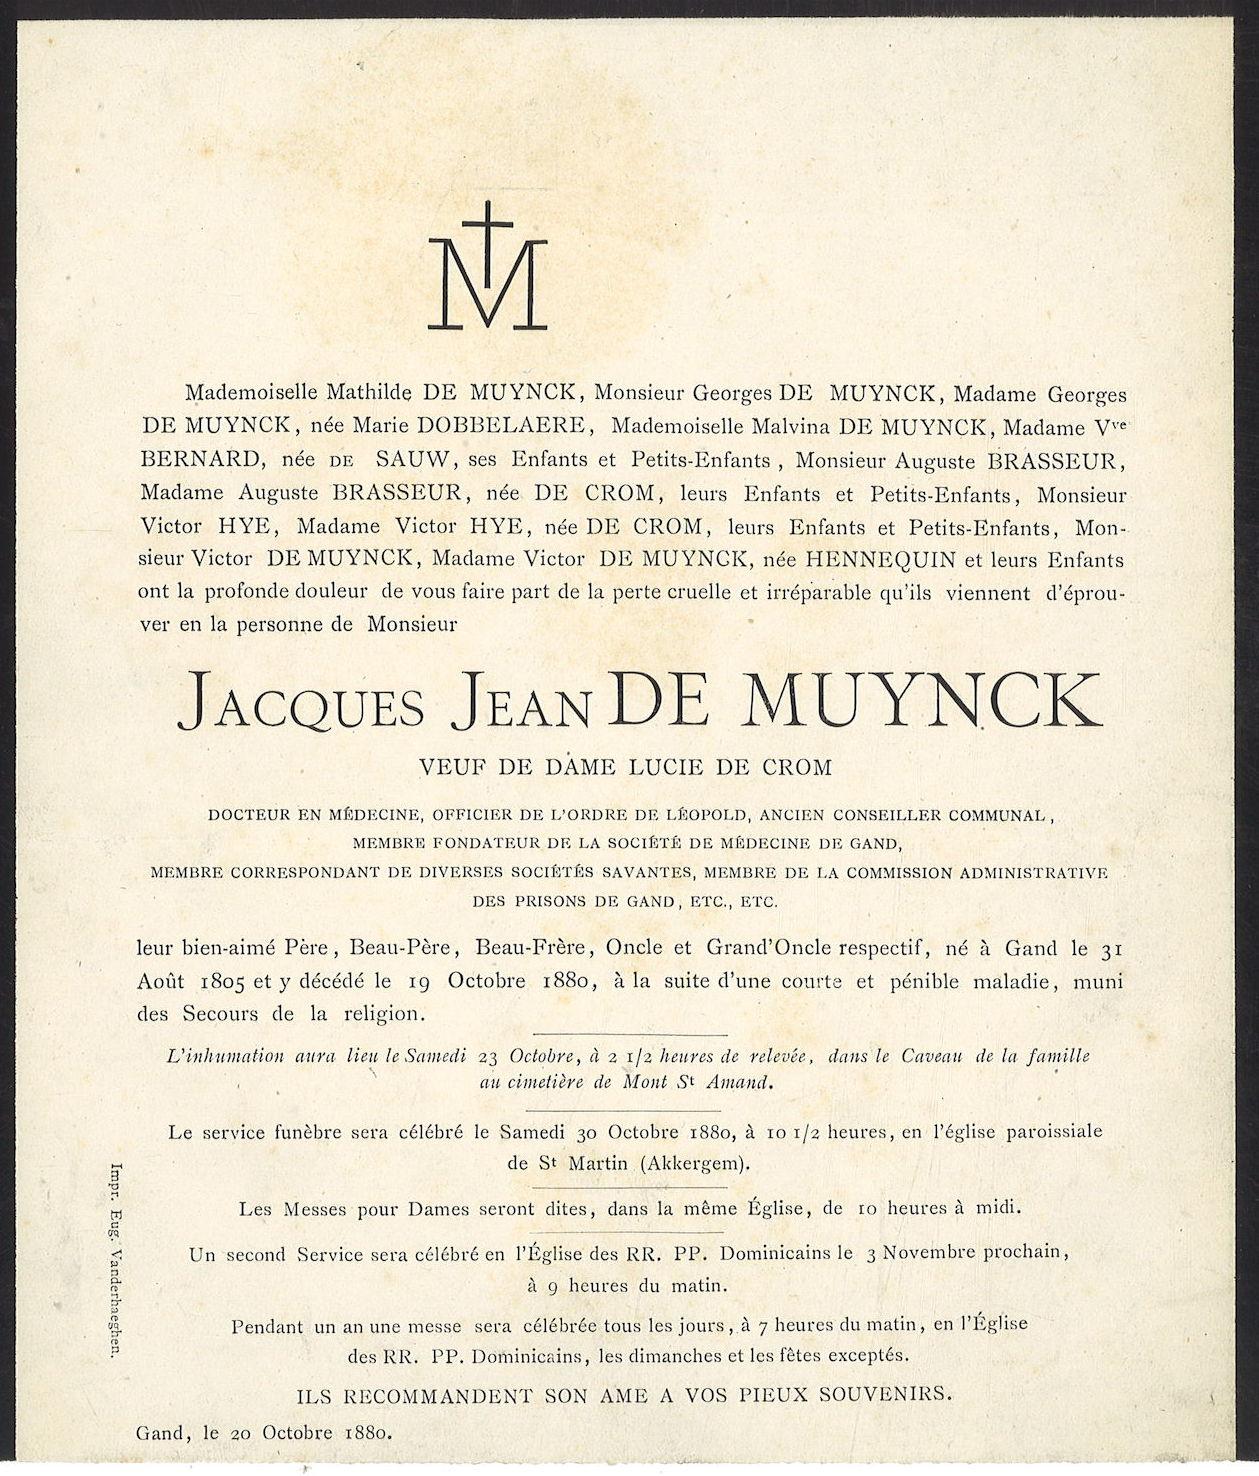 Jacques Jean De Muynck